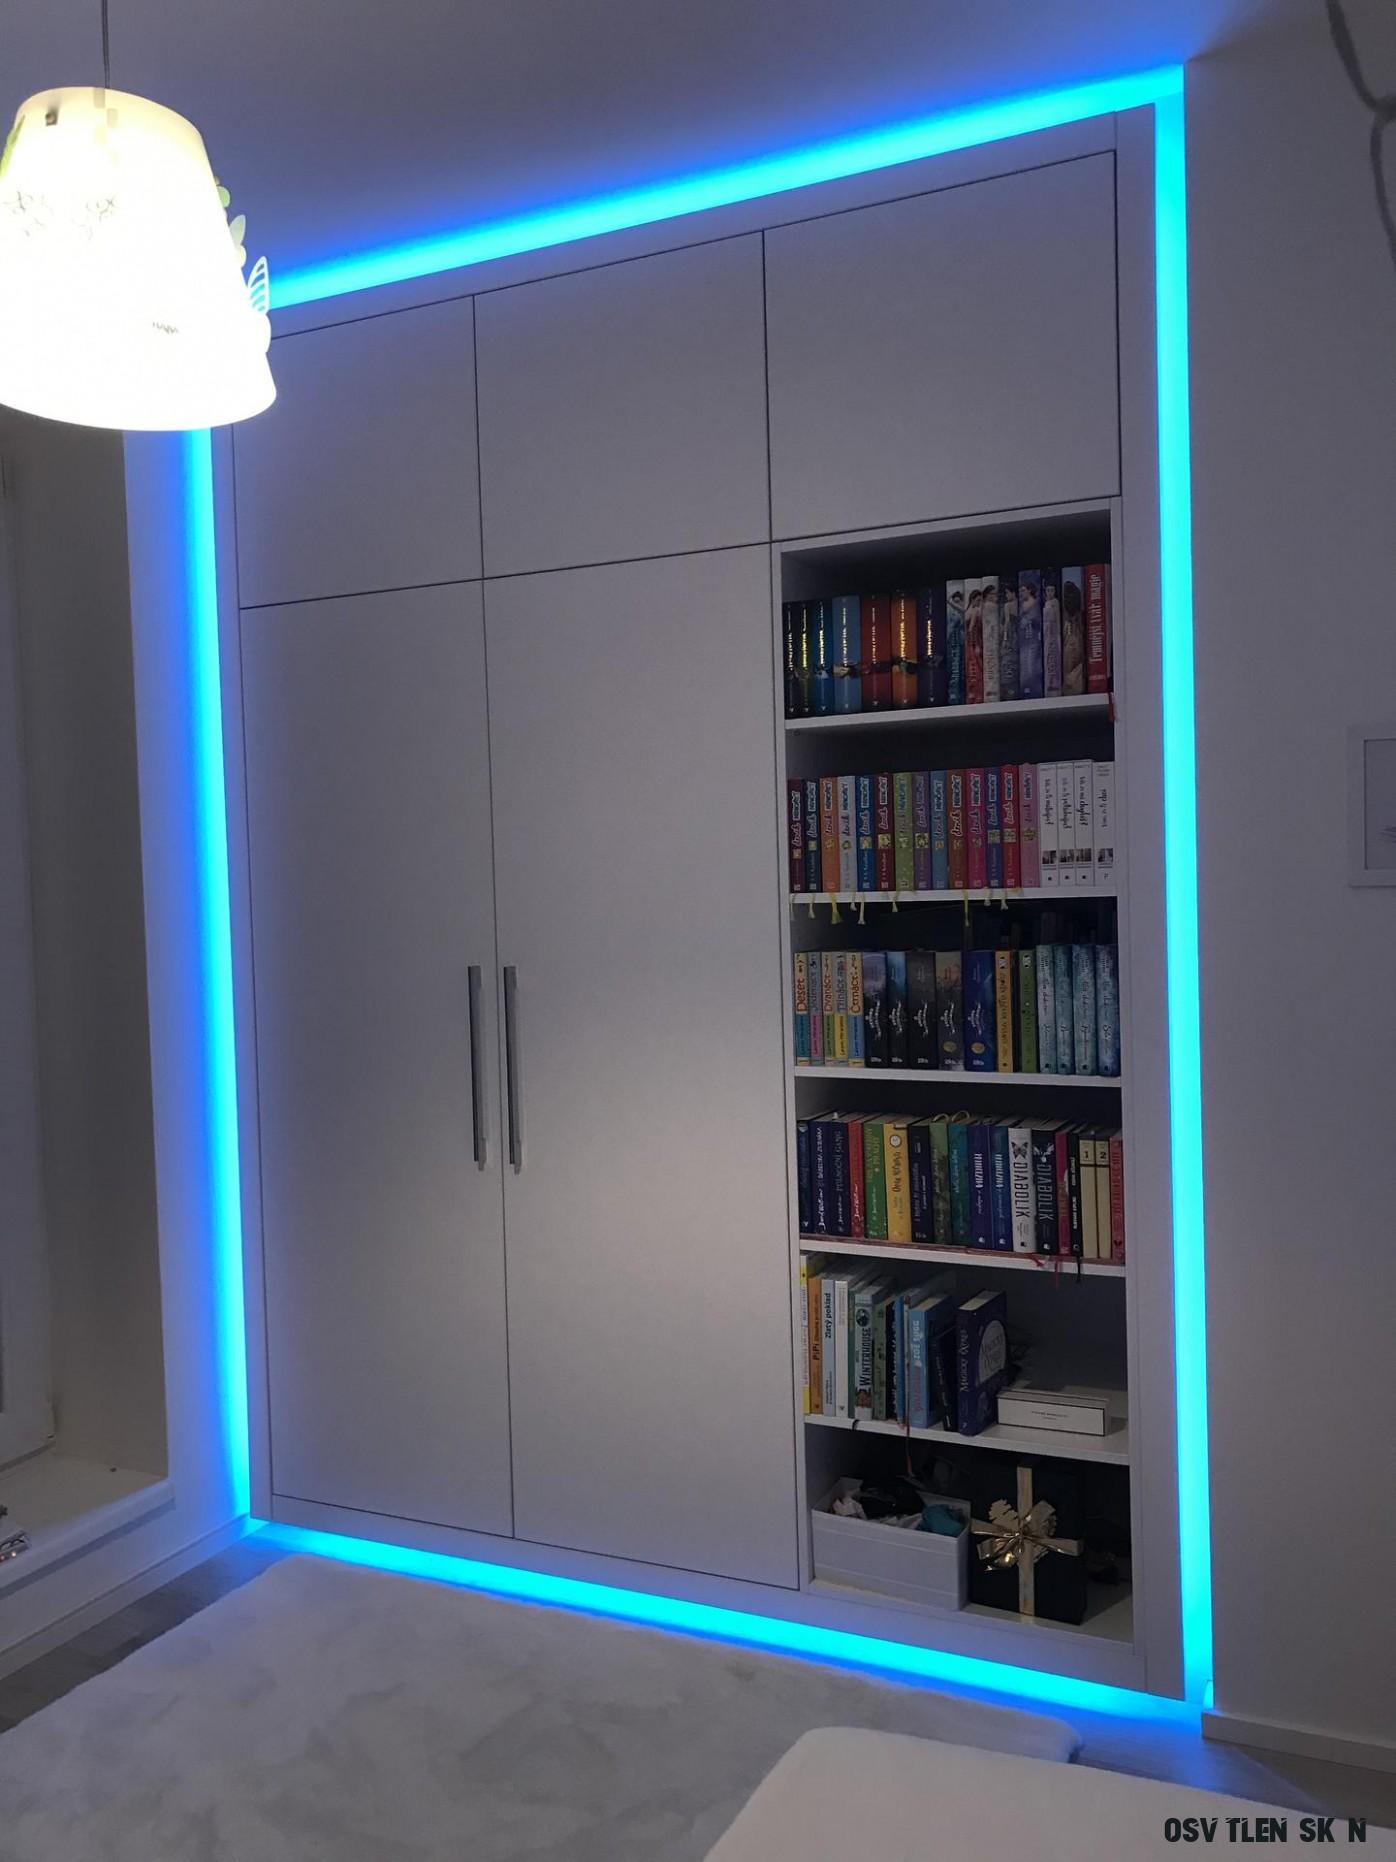 Vestavna skříň s knihovnou pro dceru. Vychytavkou je led osvětlení